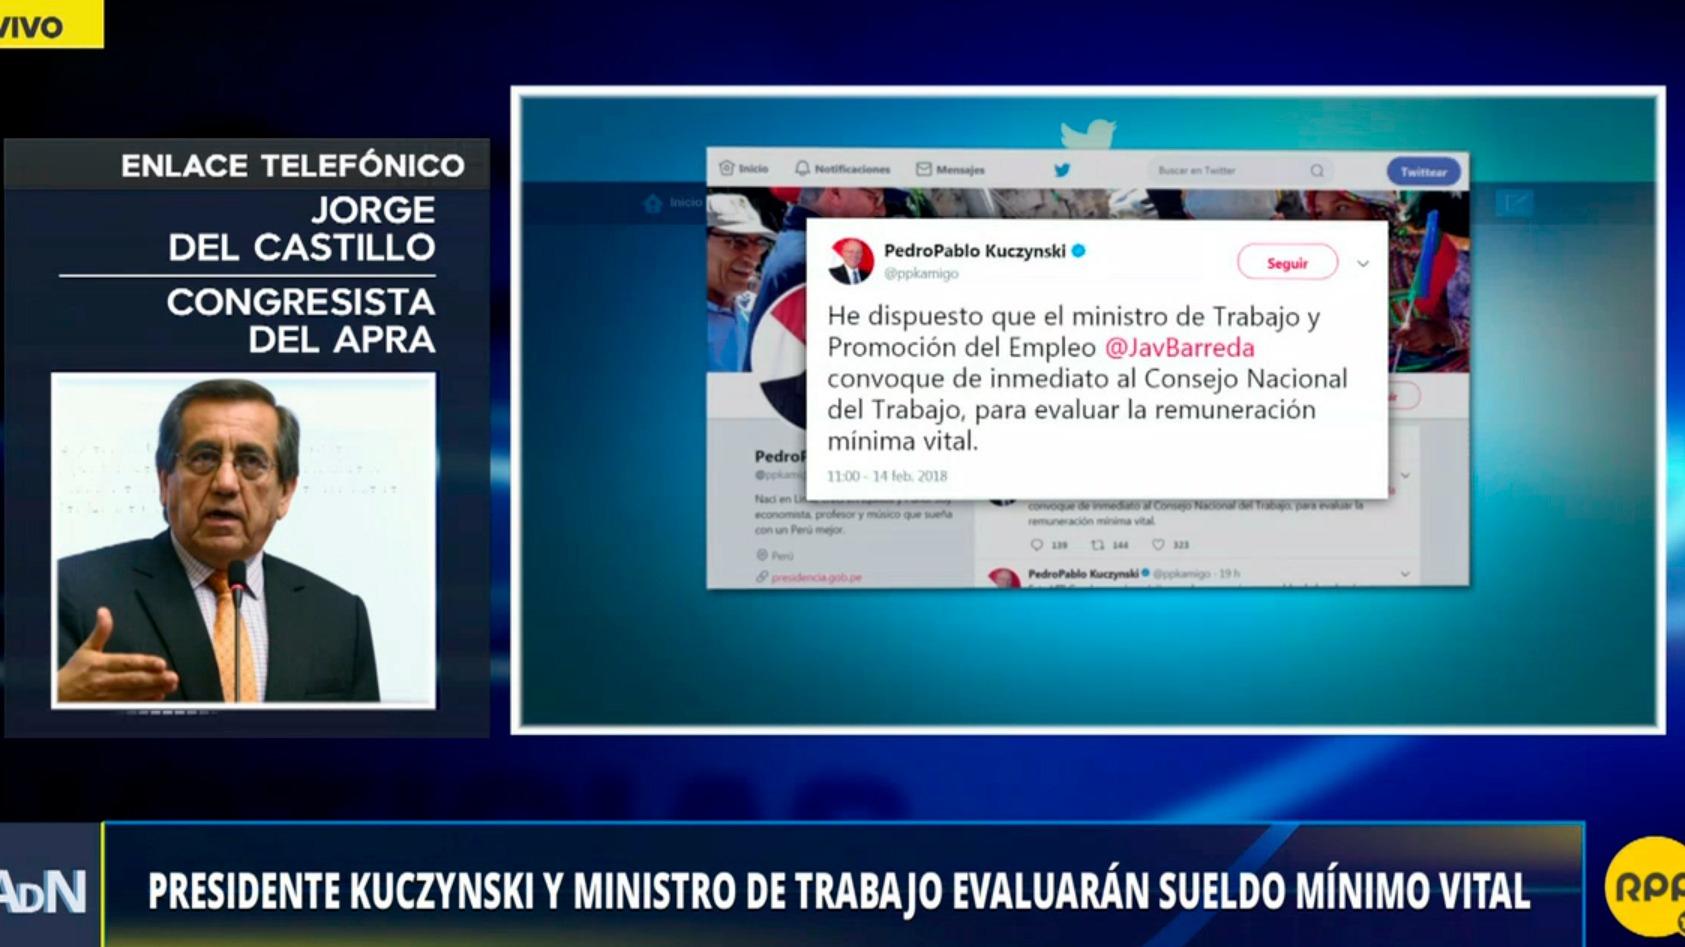 El presidente Kuczynski y el ministro de Trabajo Javier Barreda evaluará elevar el sueldo mínimo vital.